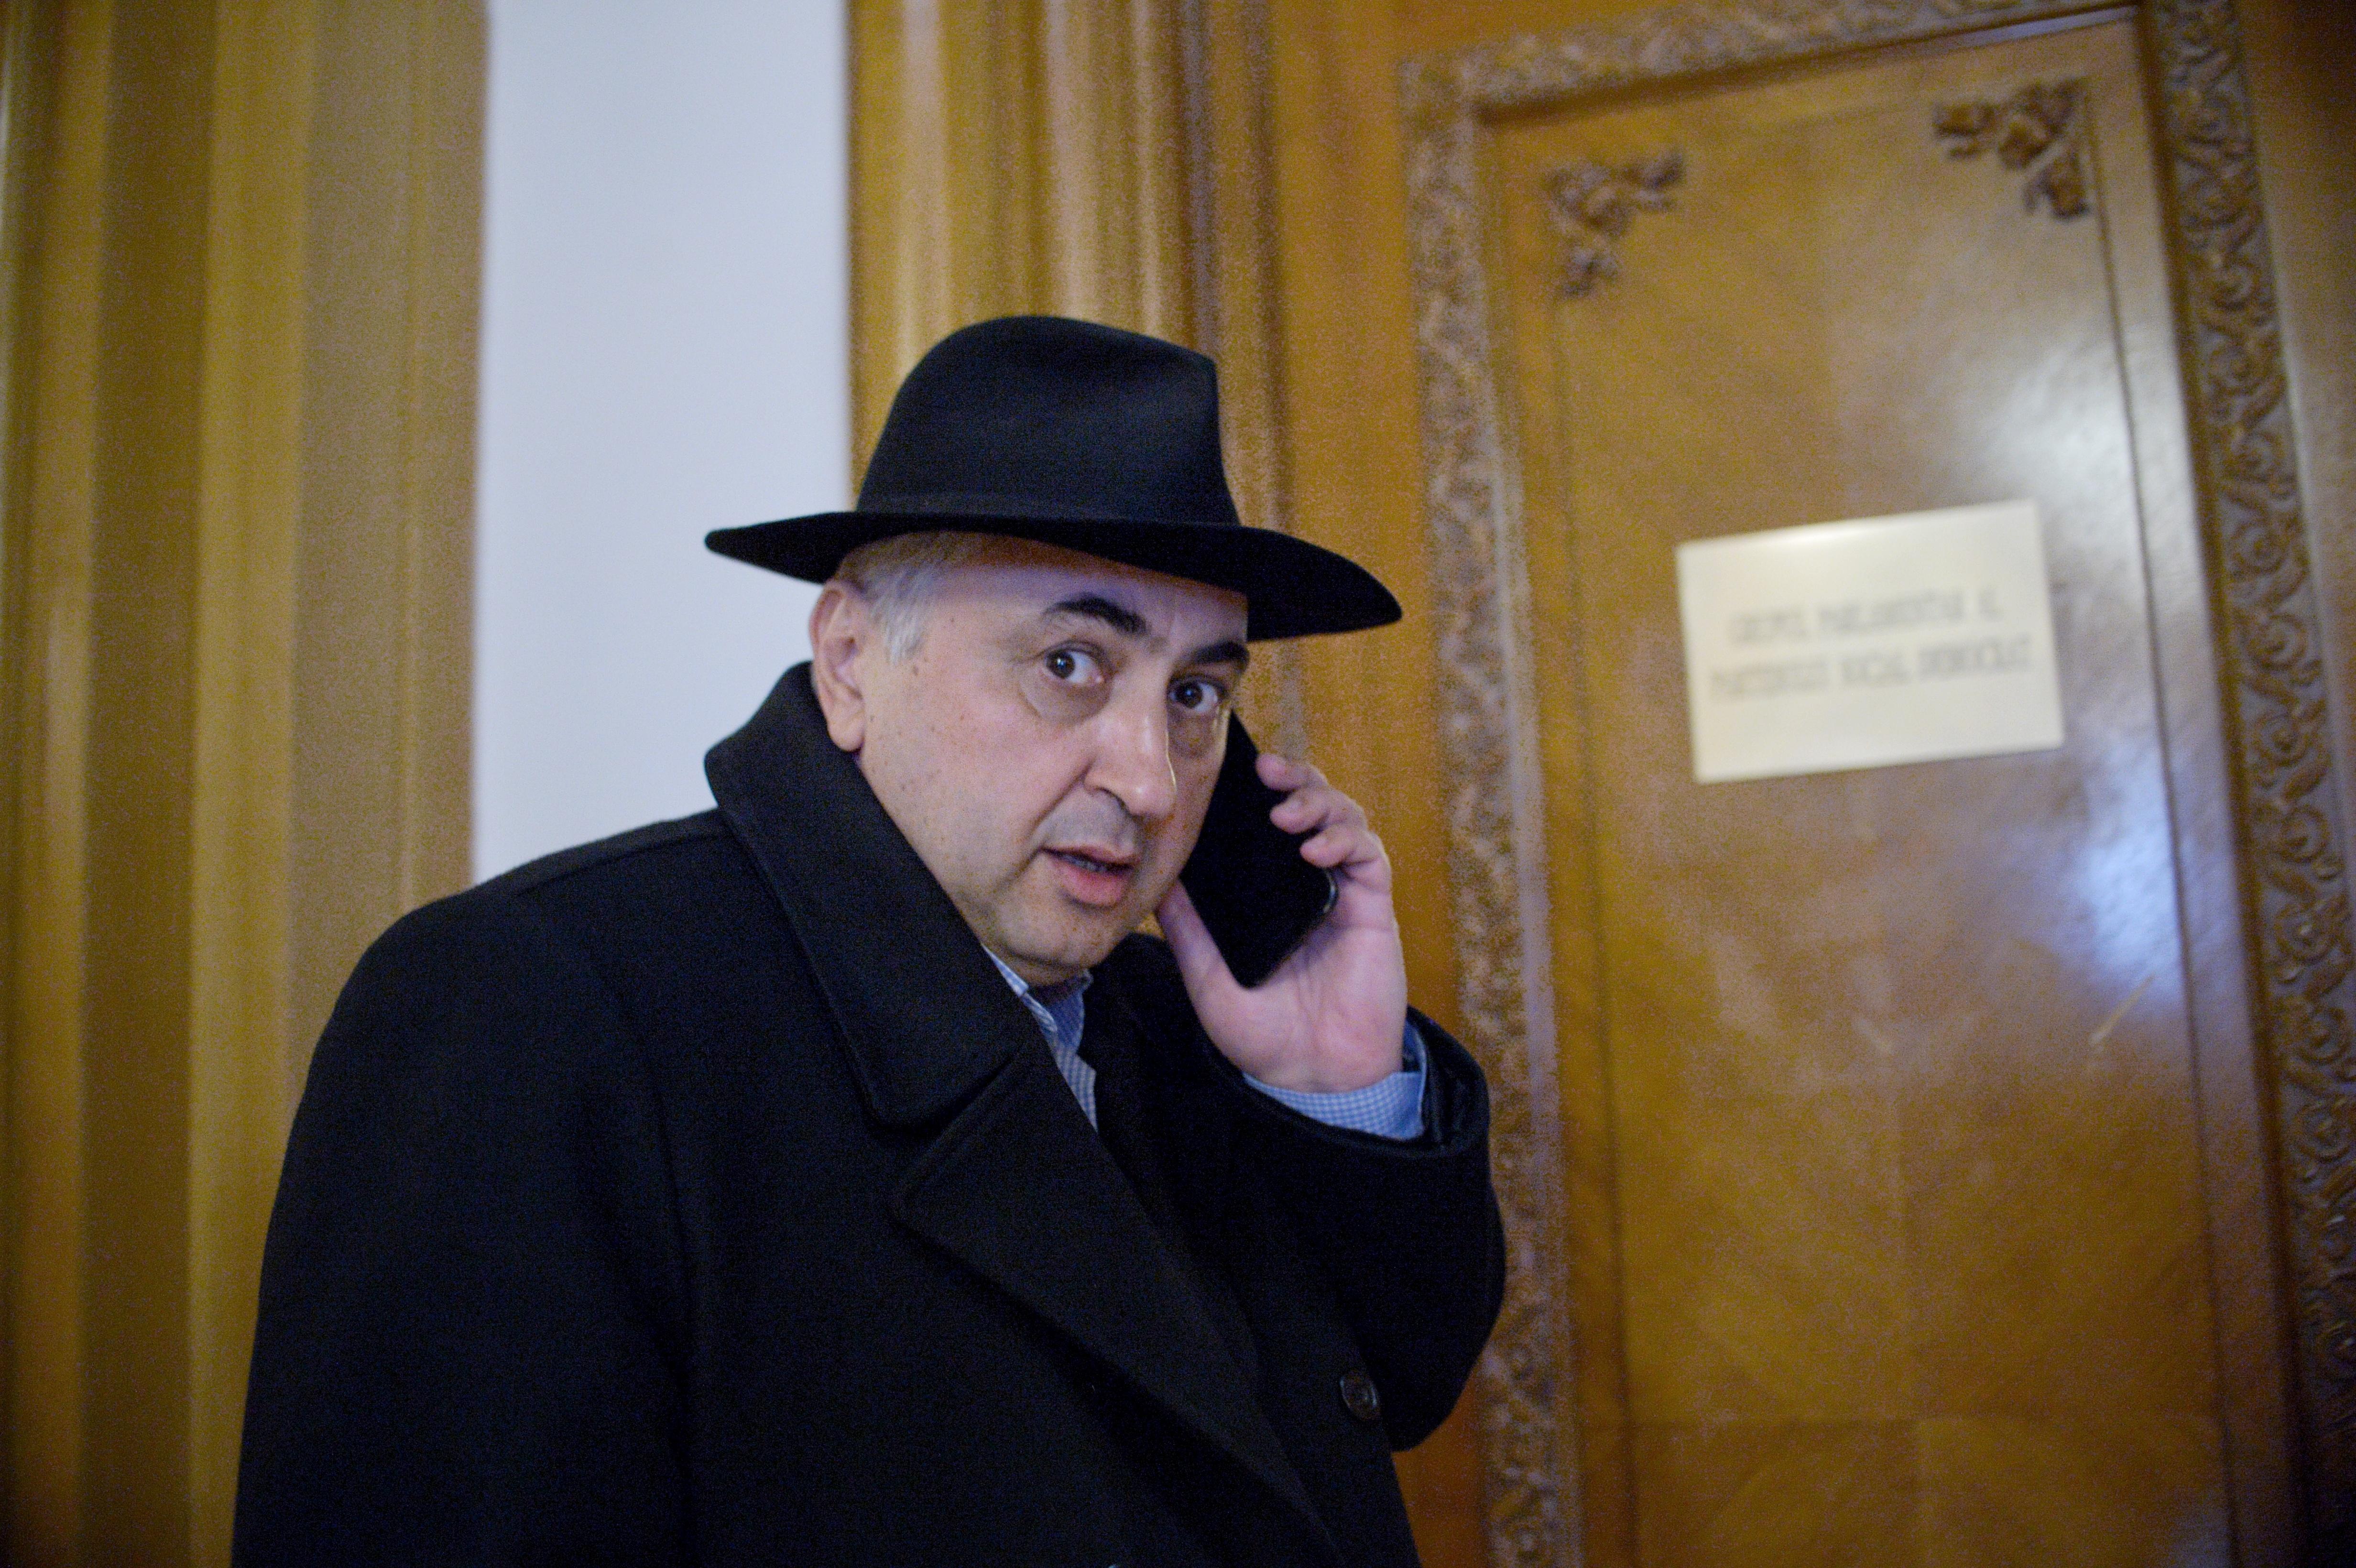 Valentin Popa, viitorul ministru al Educaţiei, despre plagiate: Nici legea nu prevede clar unde să pui ghilimele; este păcat să scoatem în evidenţă elemente nu atât de importante/ DISCURSUL său, cu greşeli şi după audiere